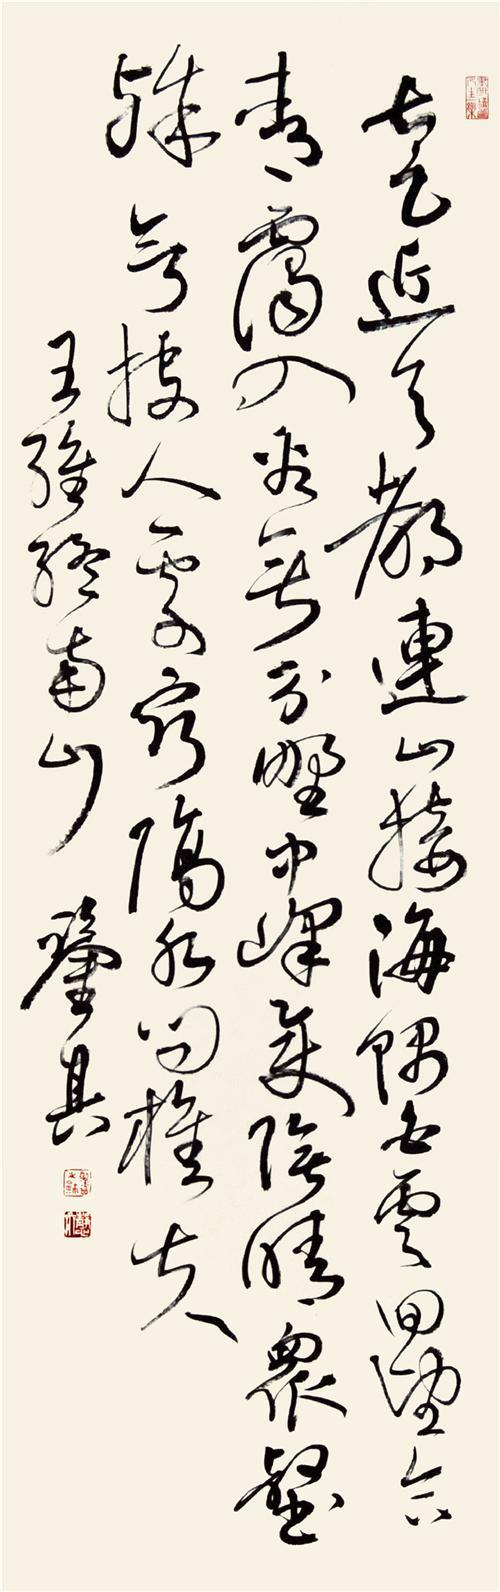 王维诗《终南山》52×160cm 2015年